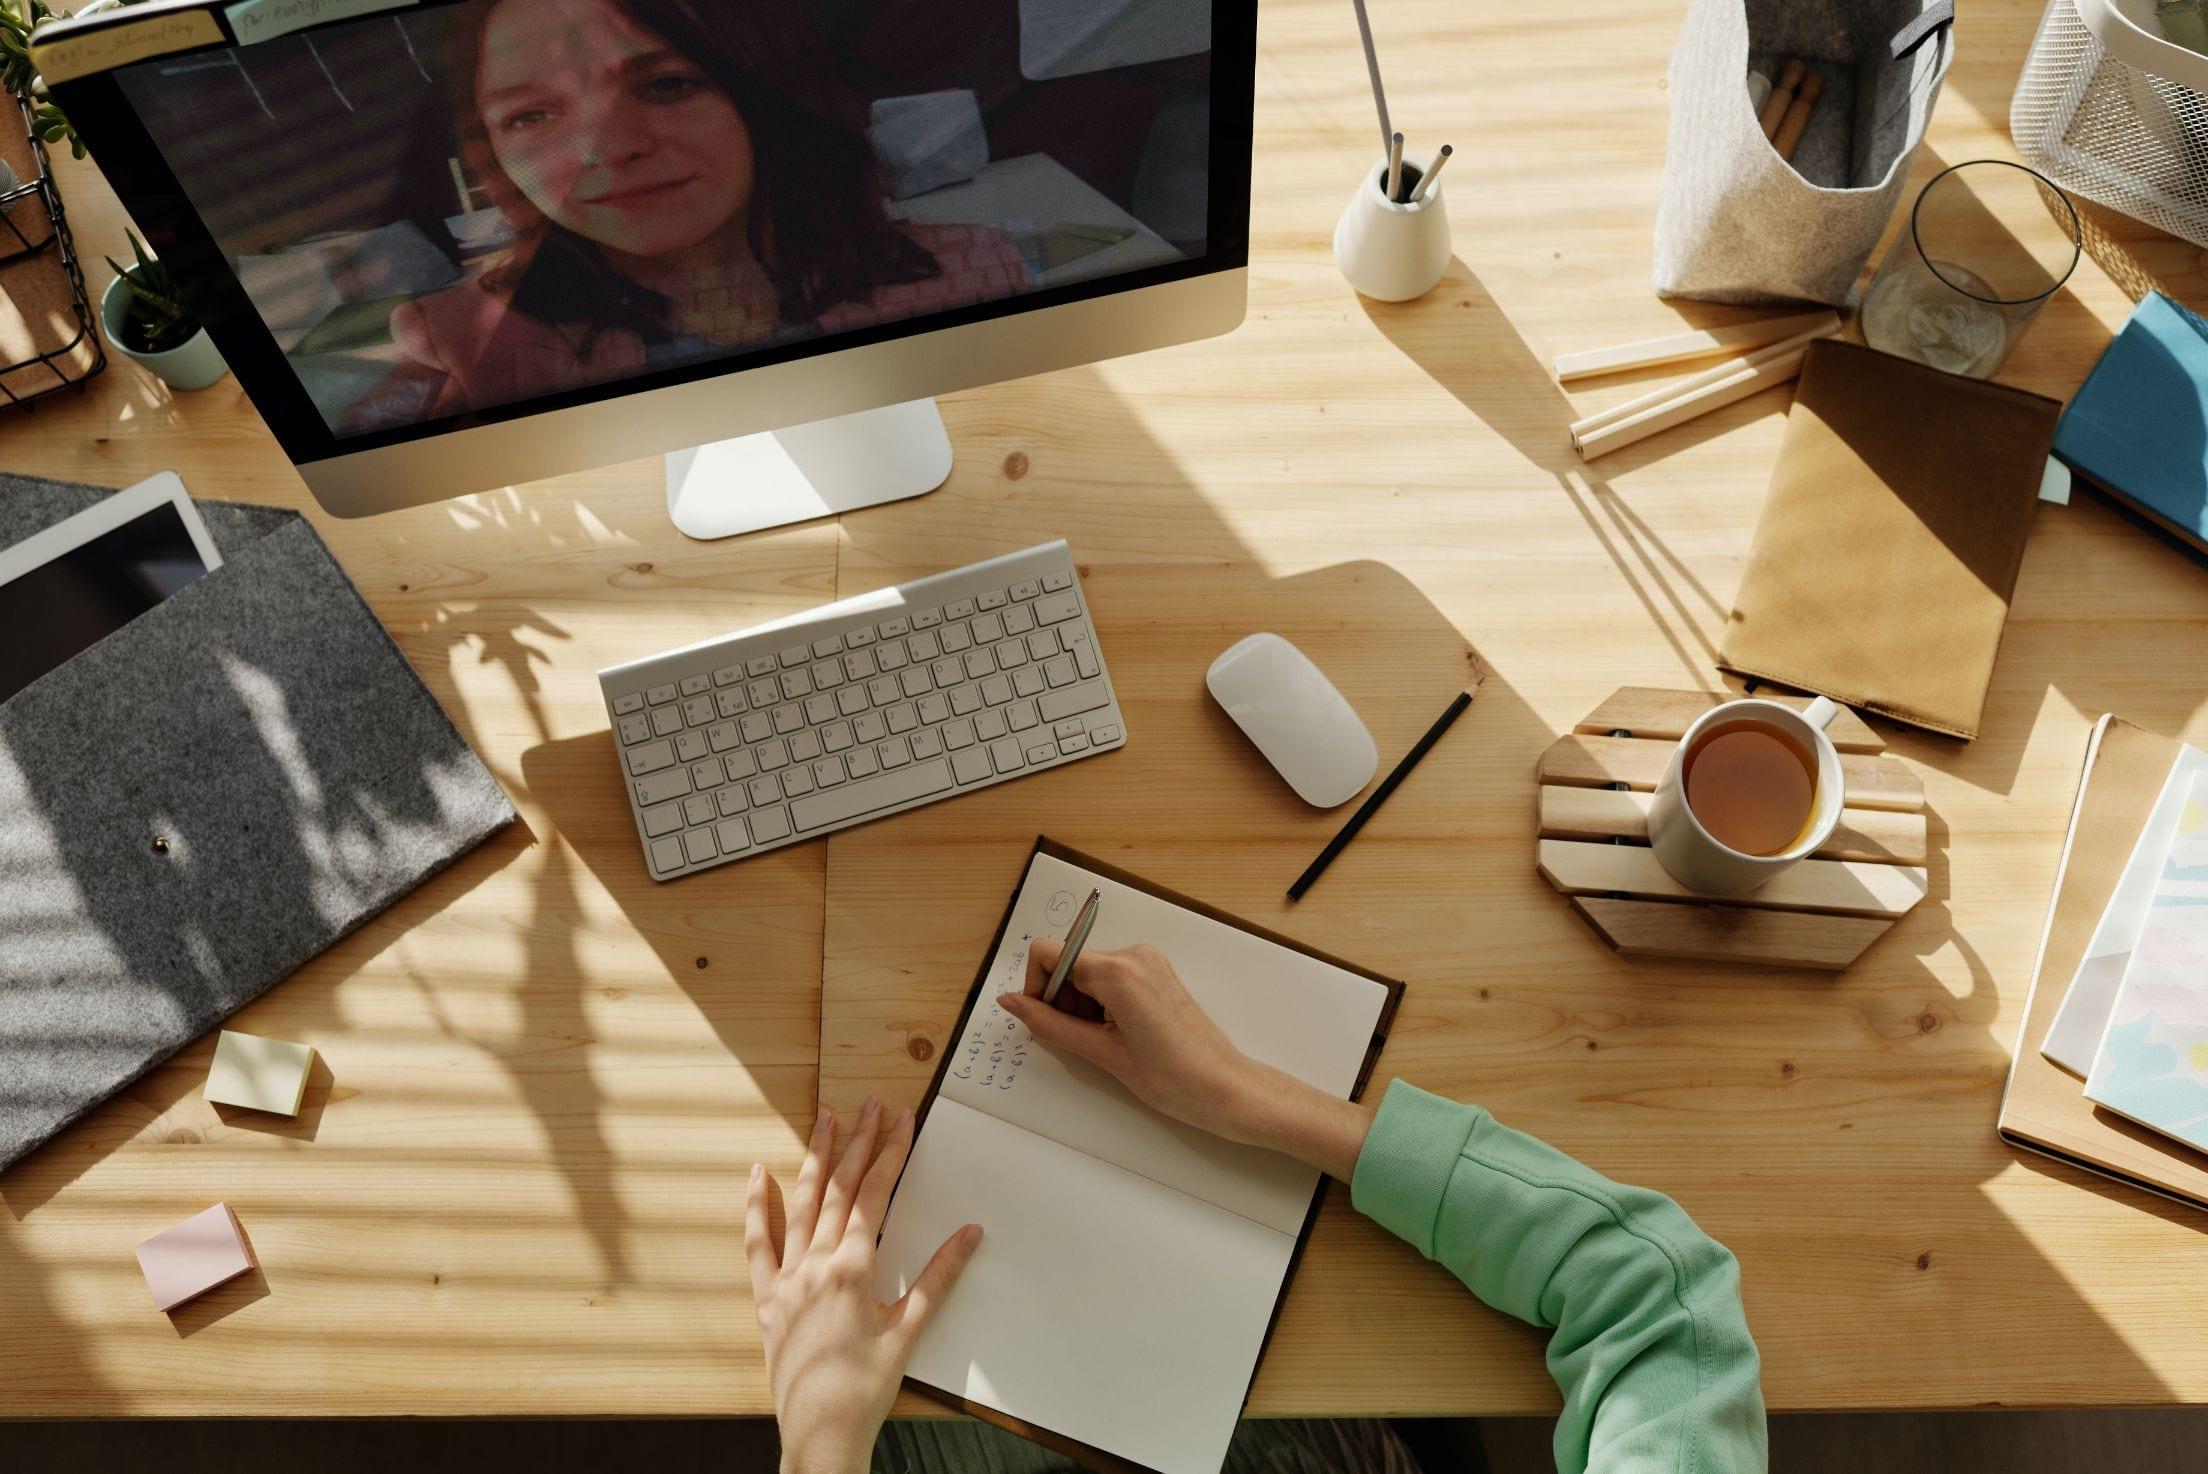 Afbeelding van een bureau waarop een scherm te zien is met iemand die aan het videobellen is